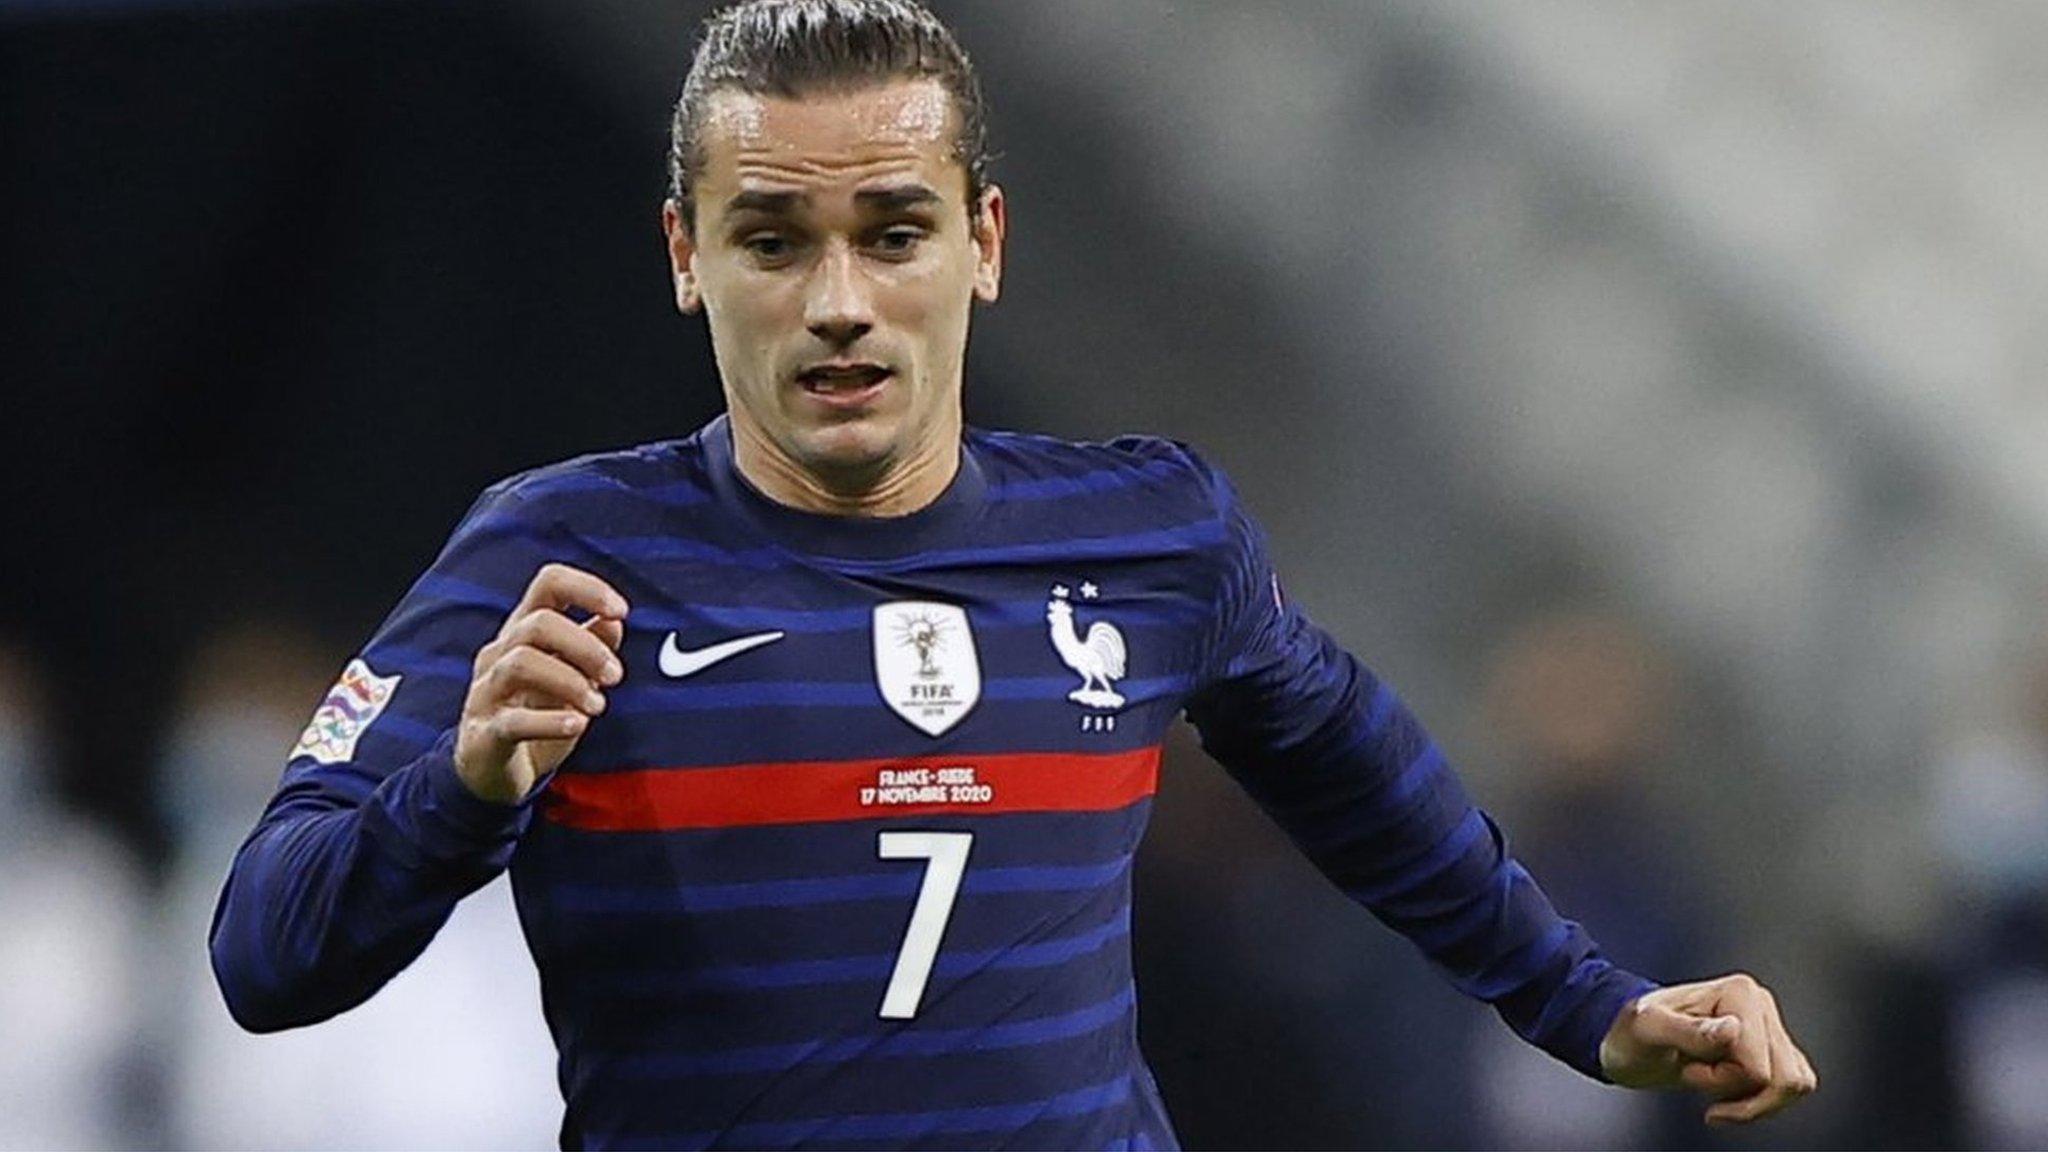 仏サッカー選手、ファーウェイとの契約打ち切り ウイグル問題で - BBC ...